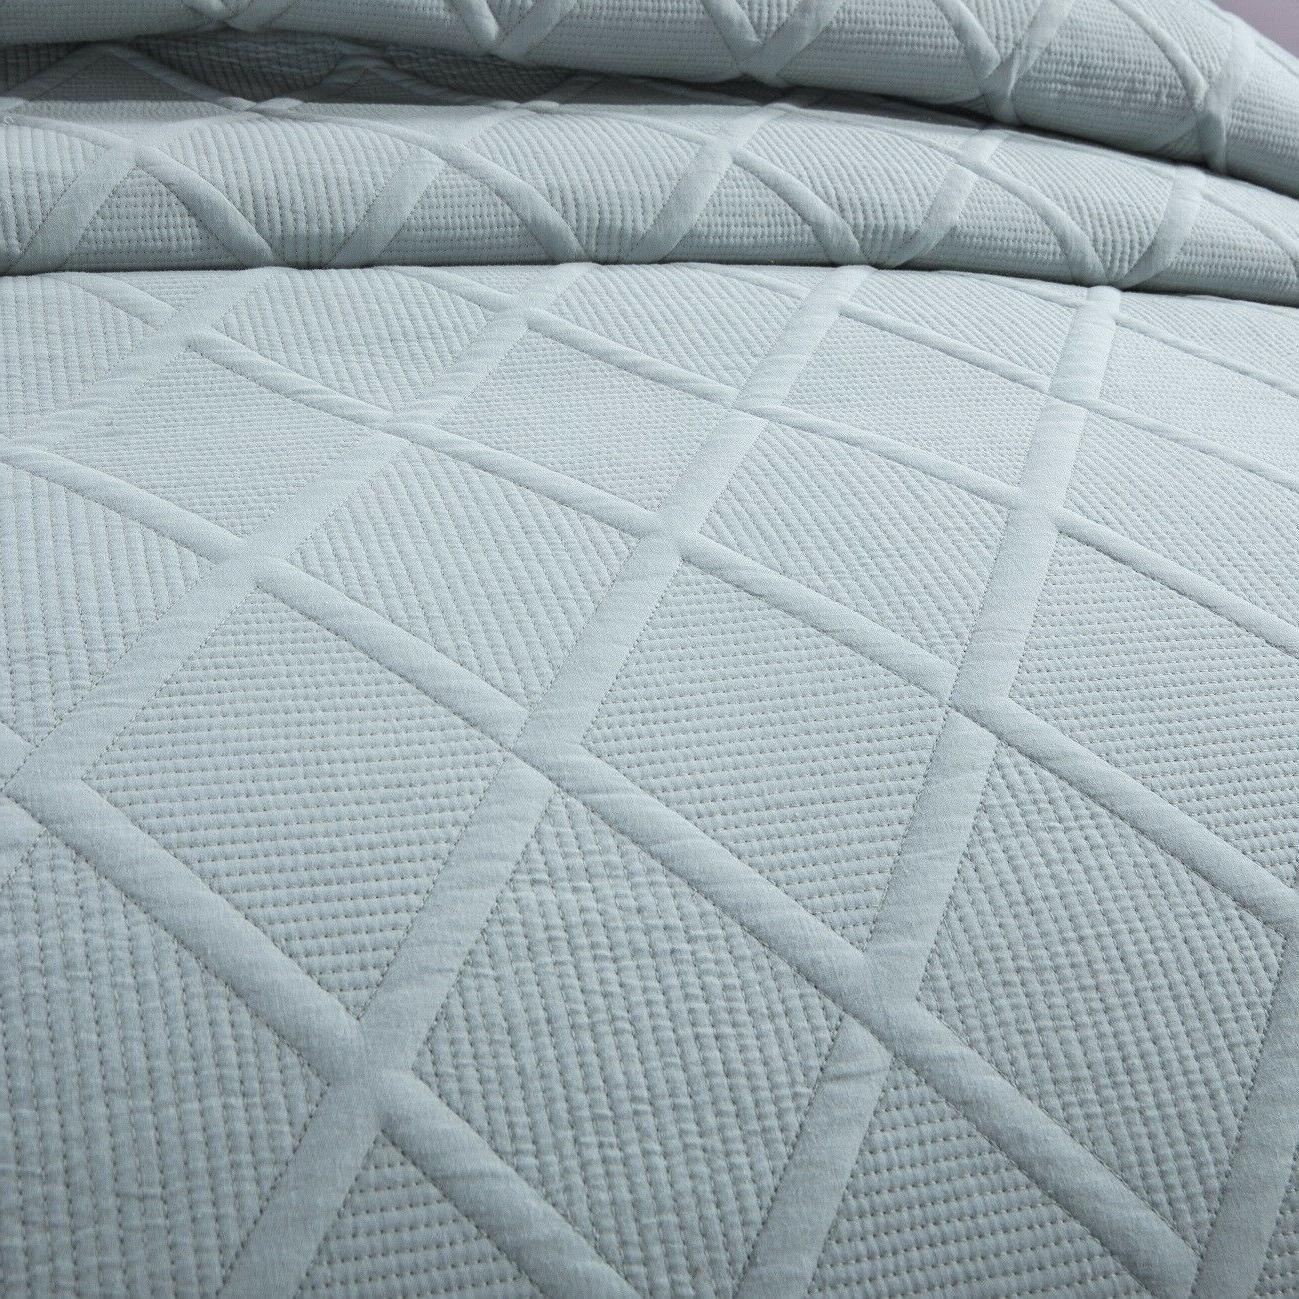 Tache Blue Cotton Light Coverlet Bedspread